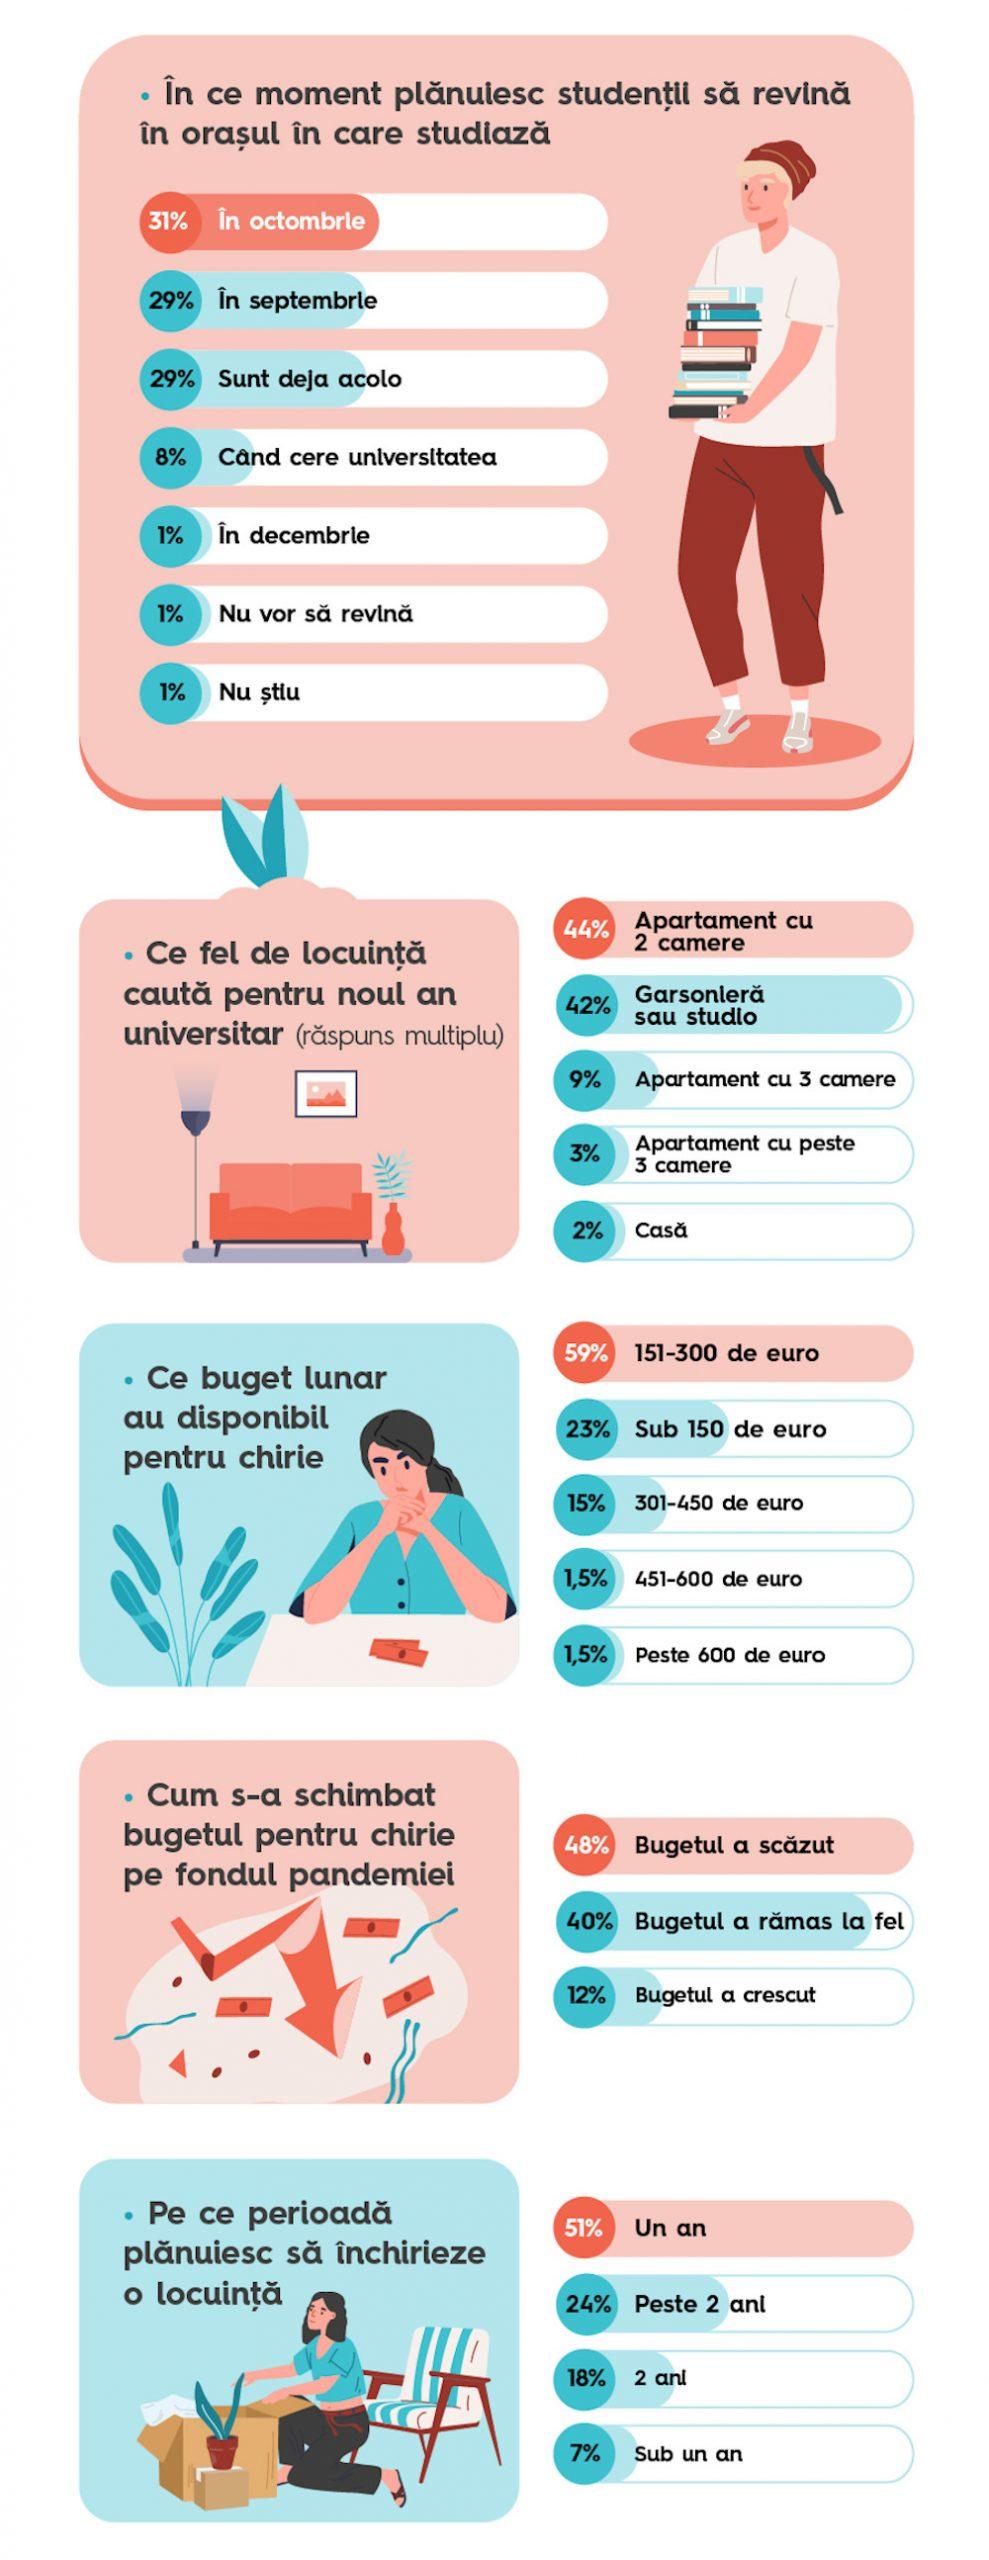 Infografic chirii studenti 2